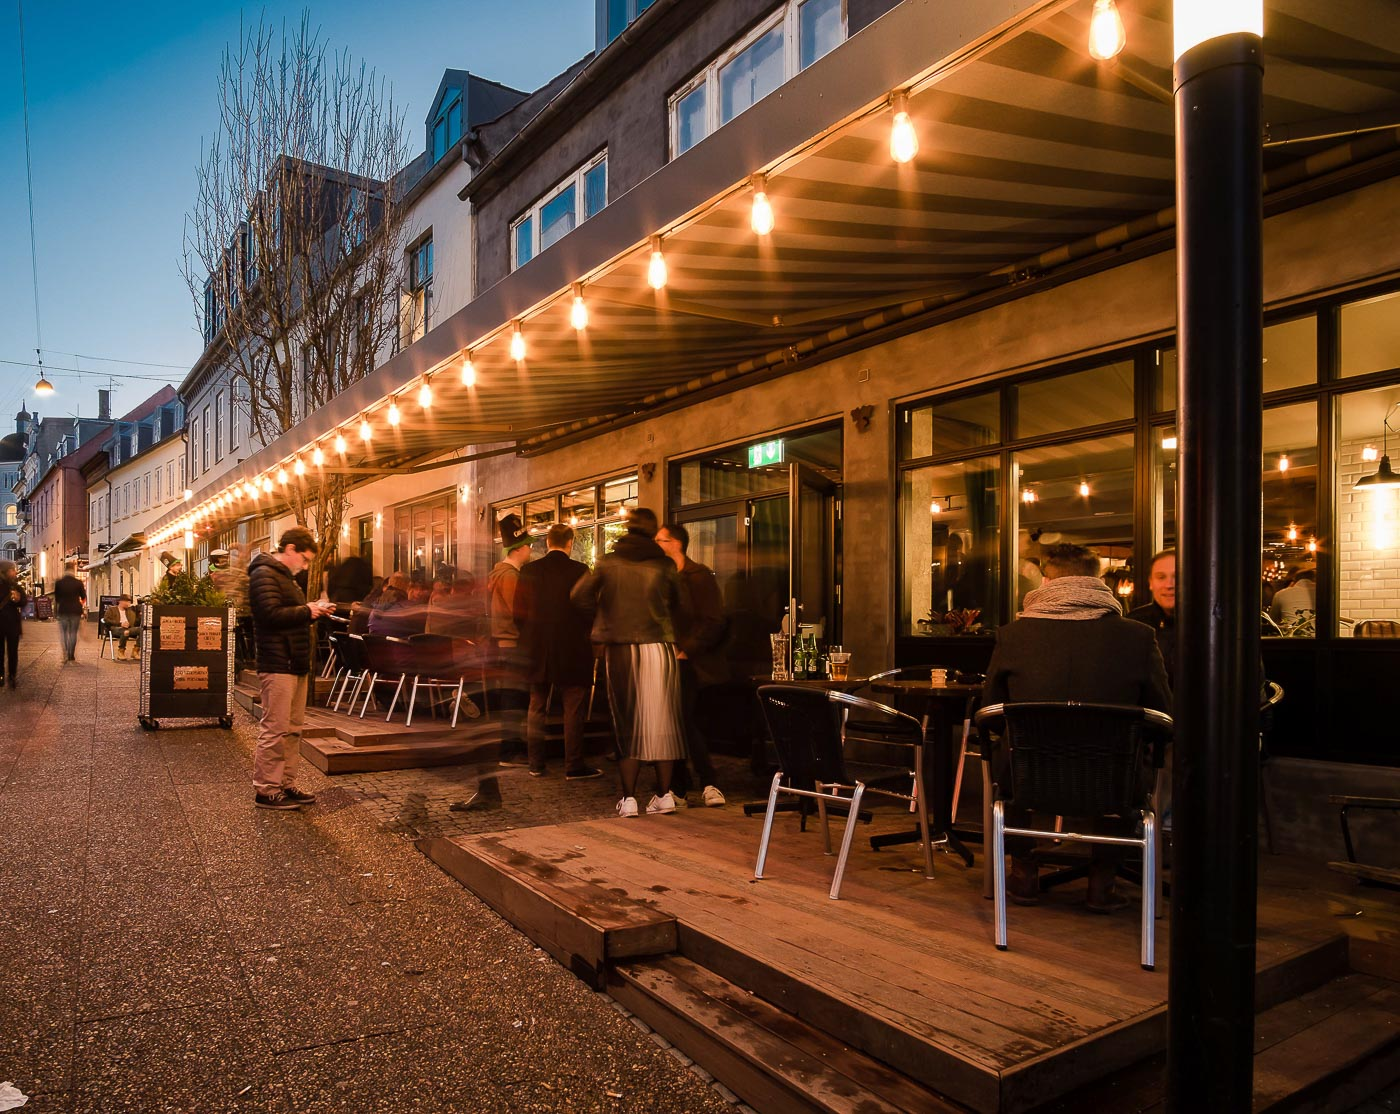 Tir na nÓg: Åbner eget pizzaria i Aarhus' største bar